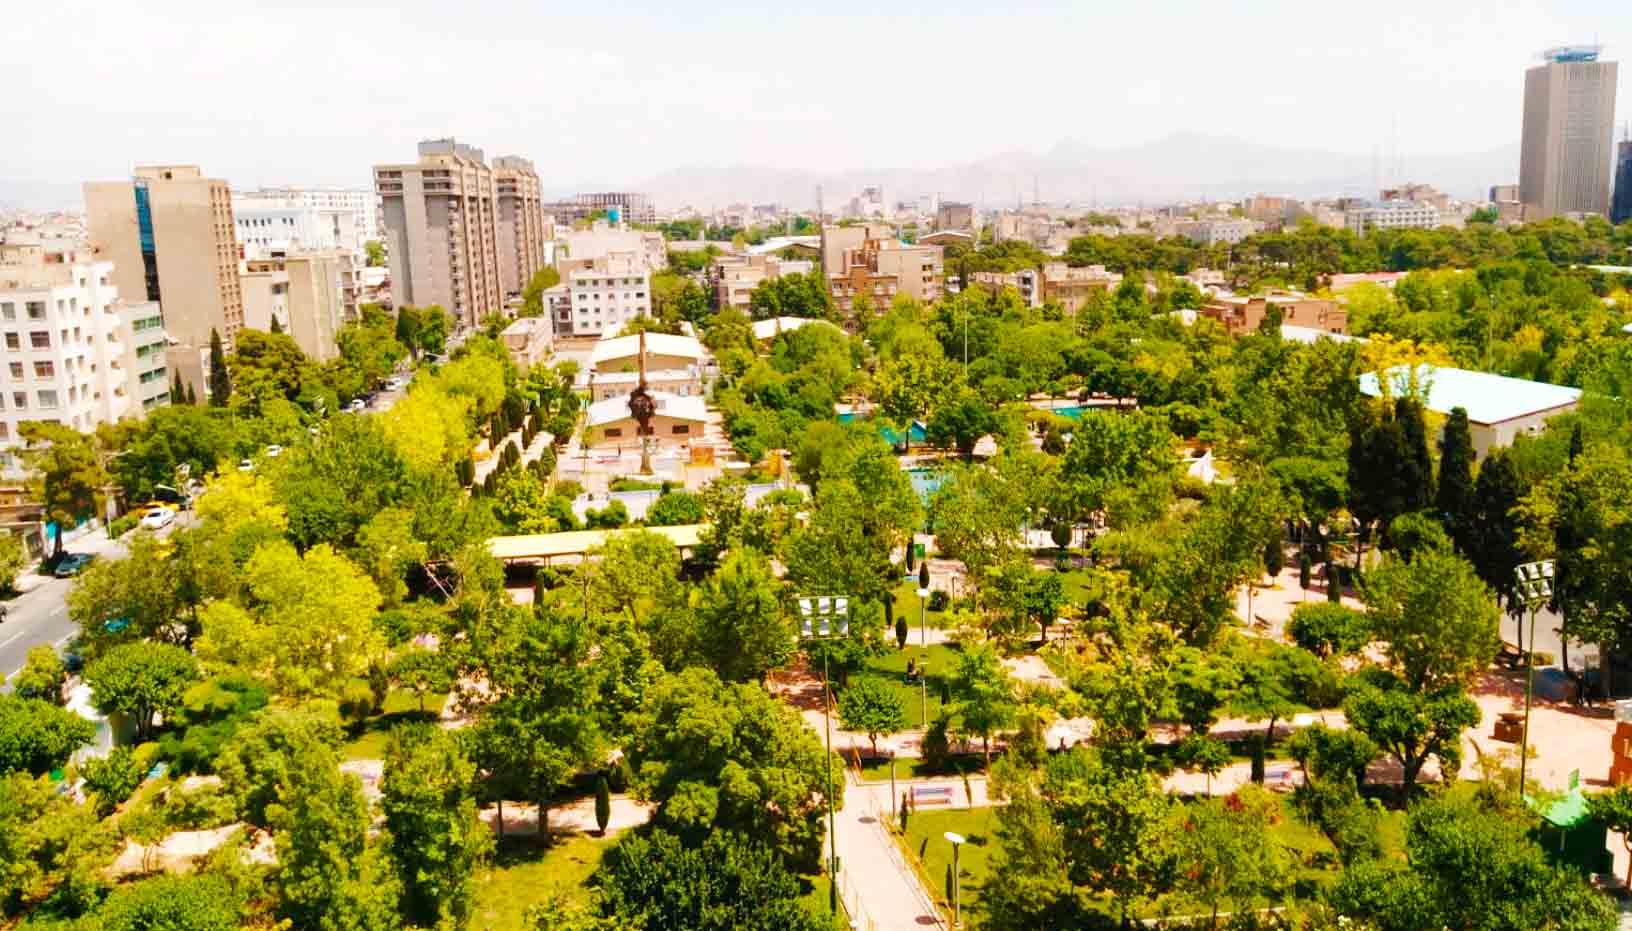 پارک هنرمندان، پاتوق اهالی هنر و ورزش